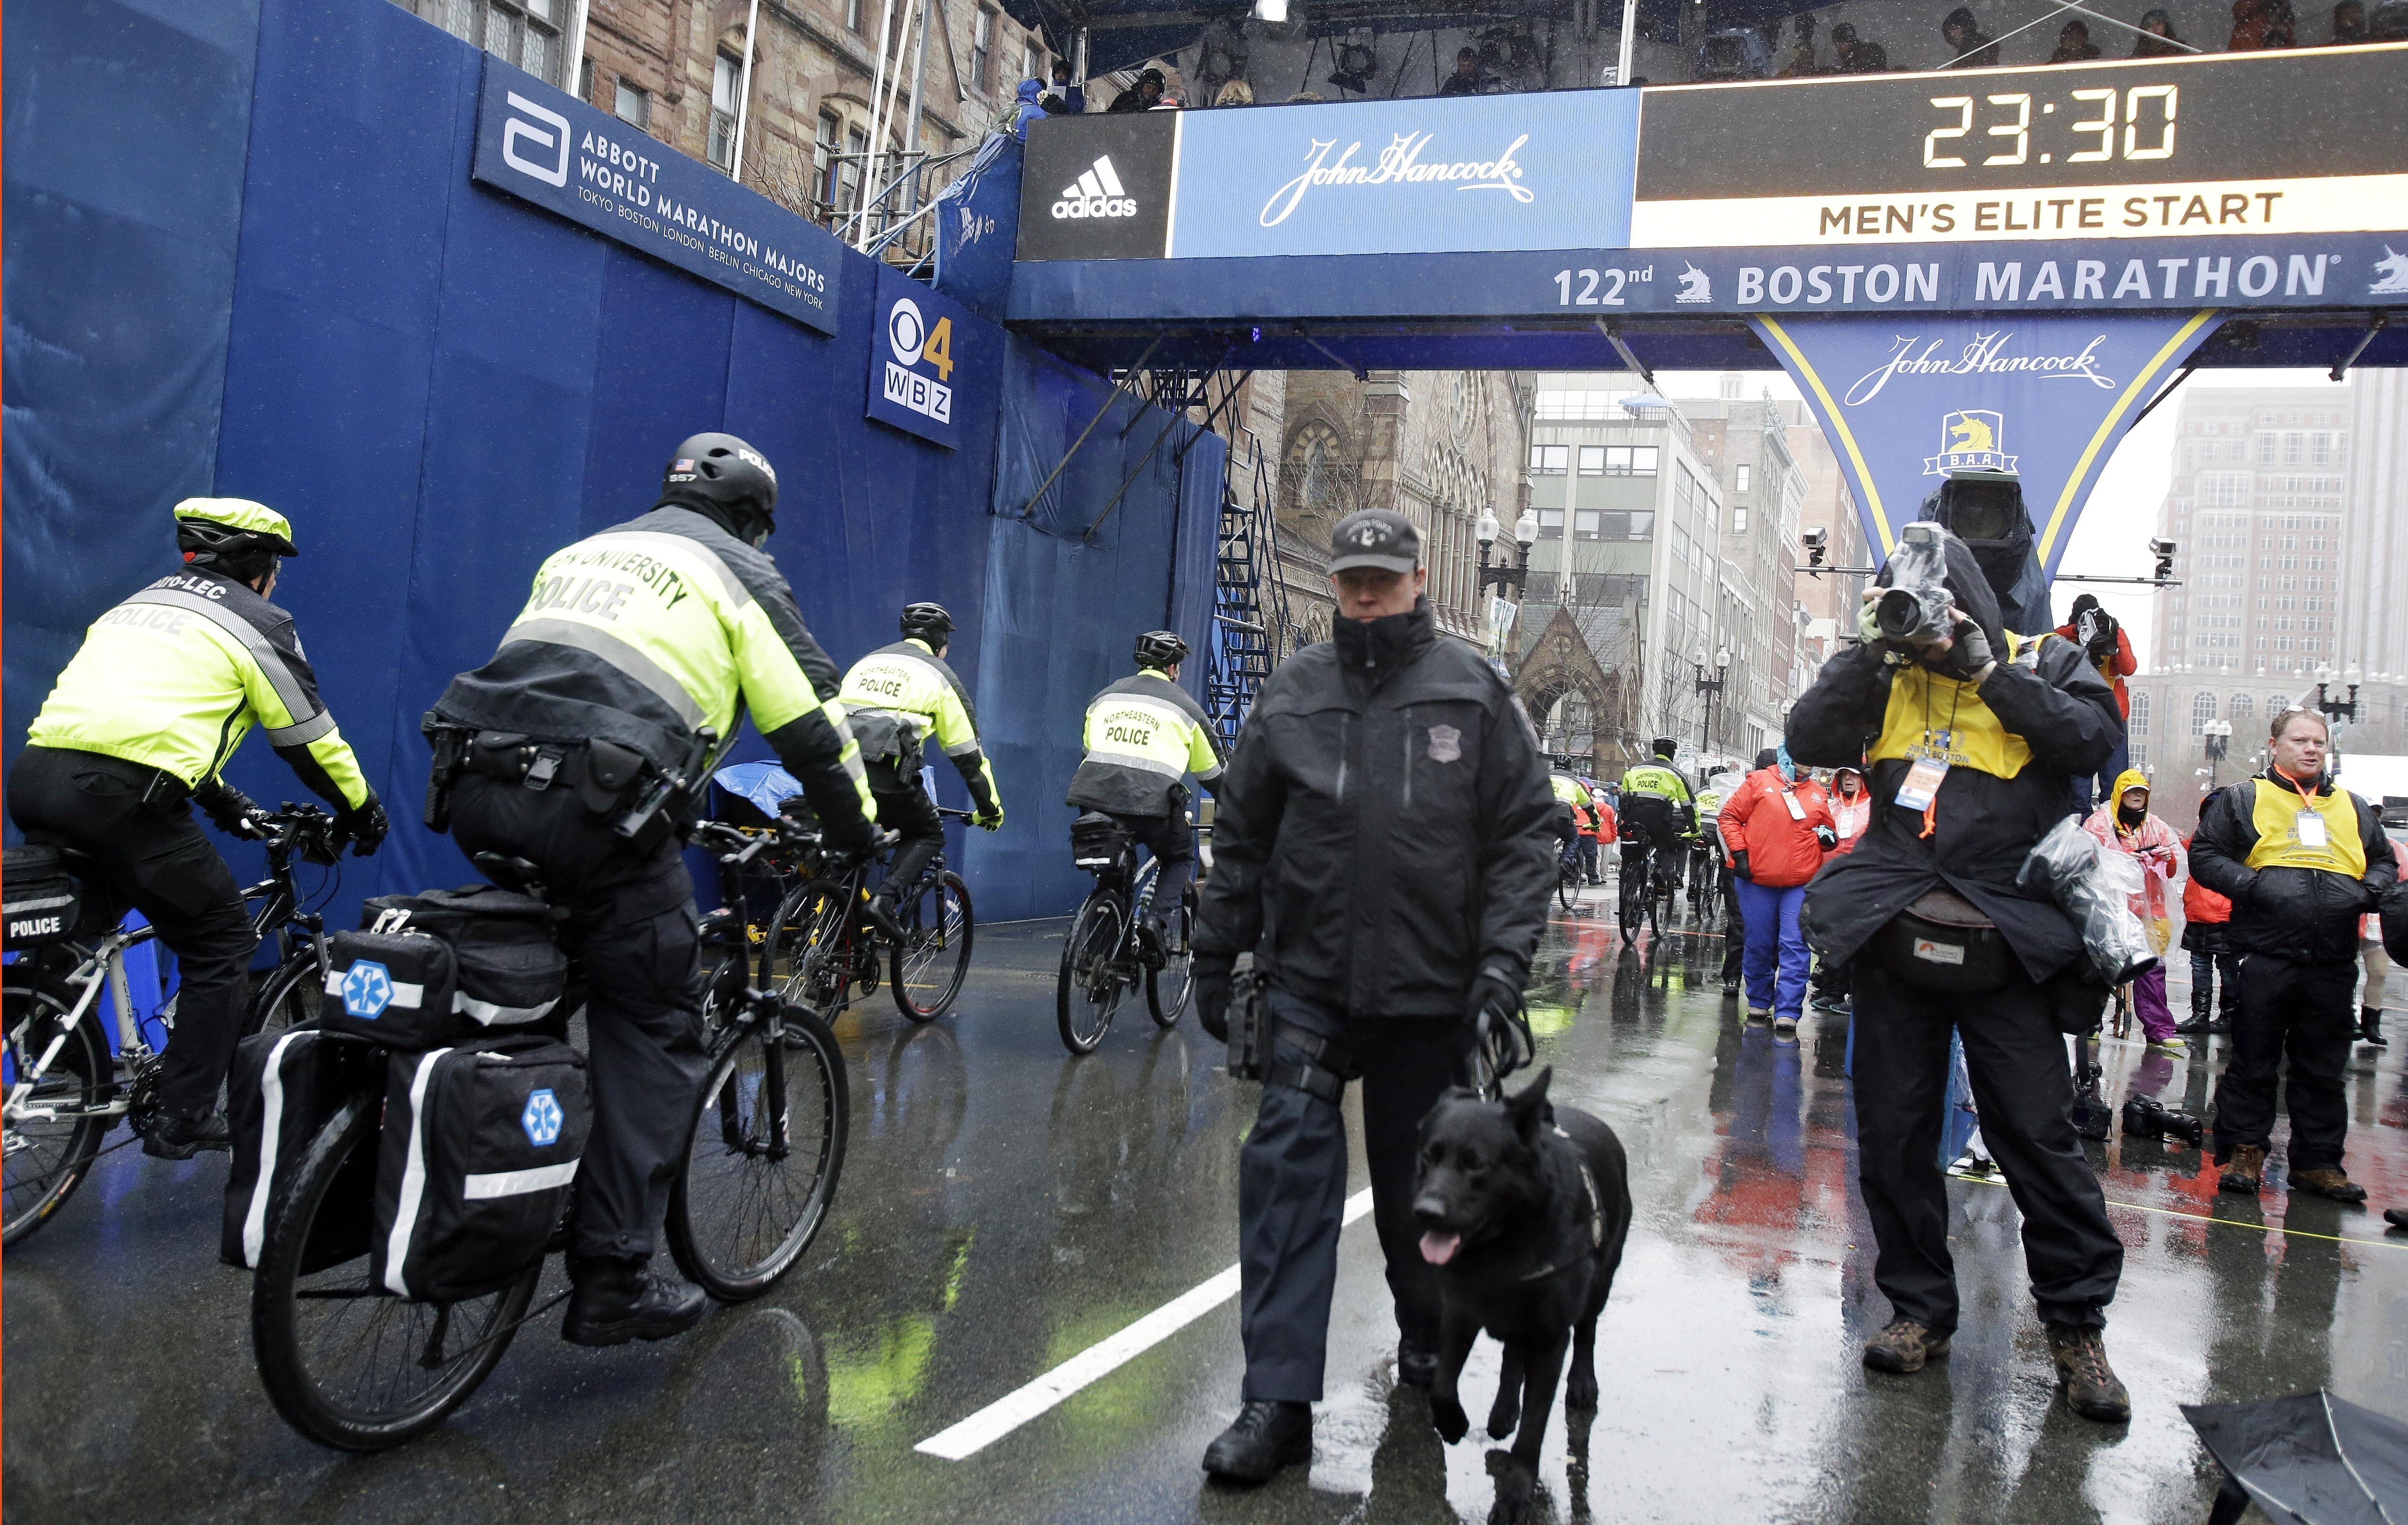 إجراءات أمنية مشددة ترافق ماراثون بوسطن